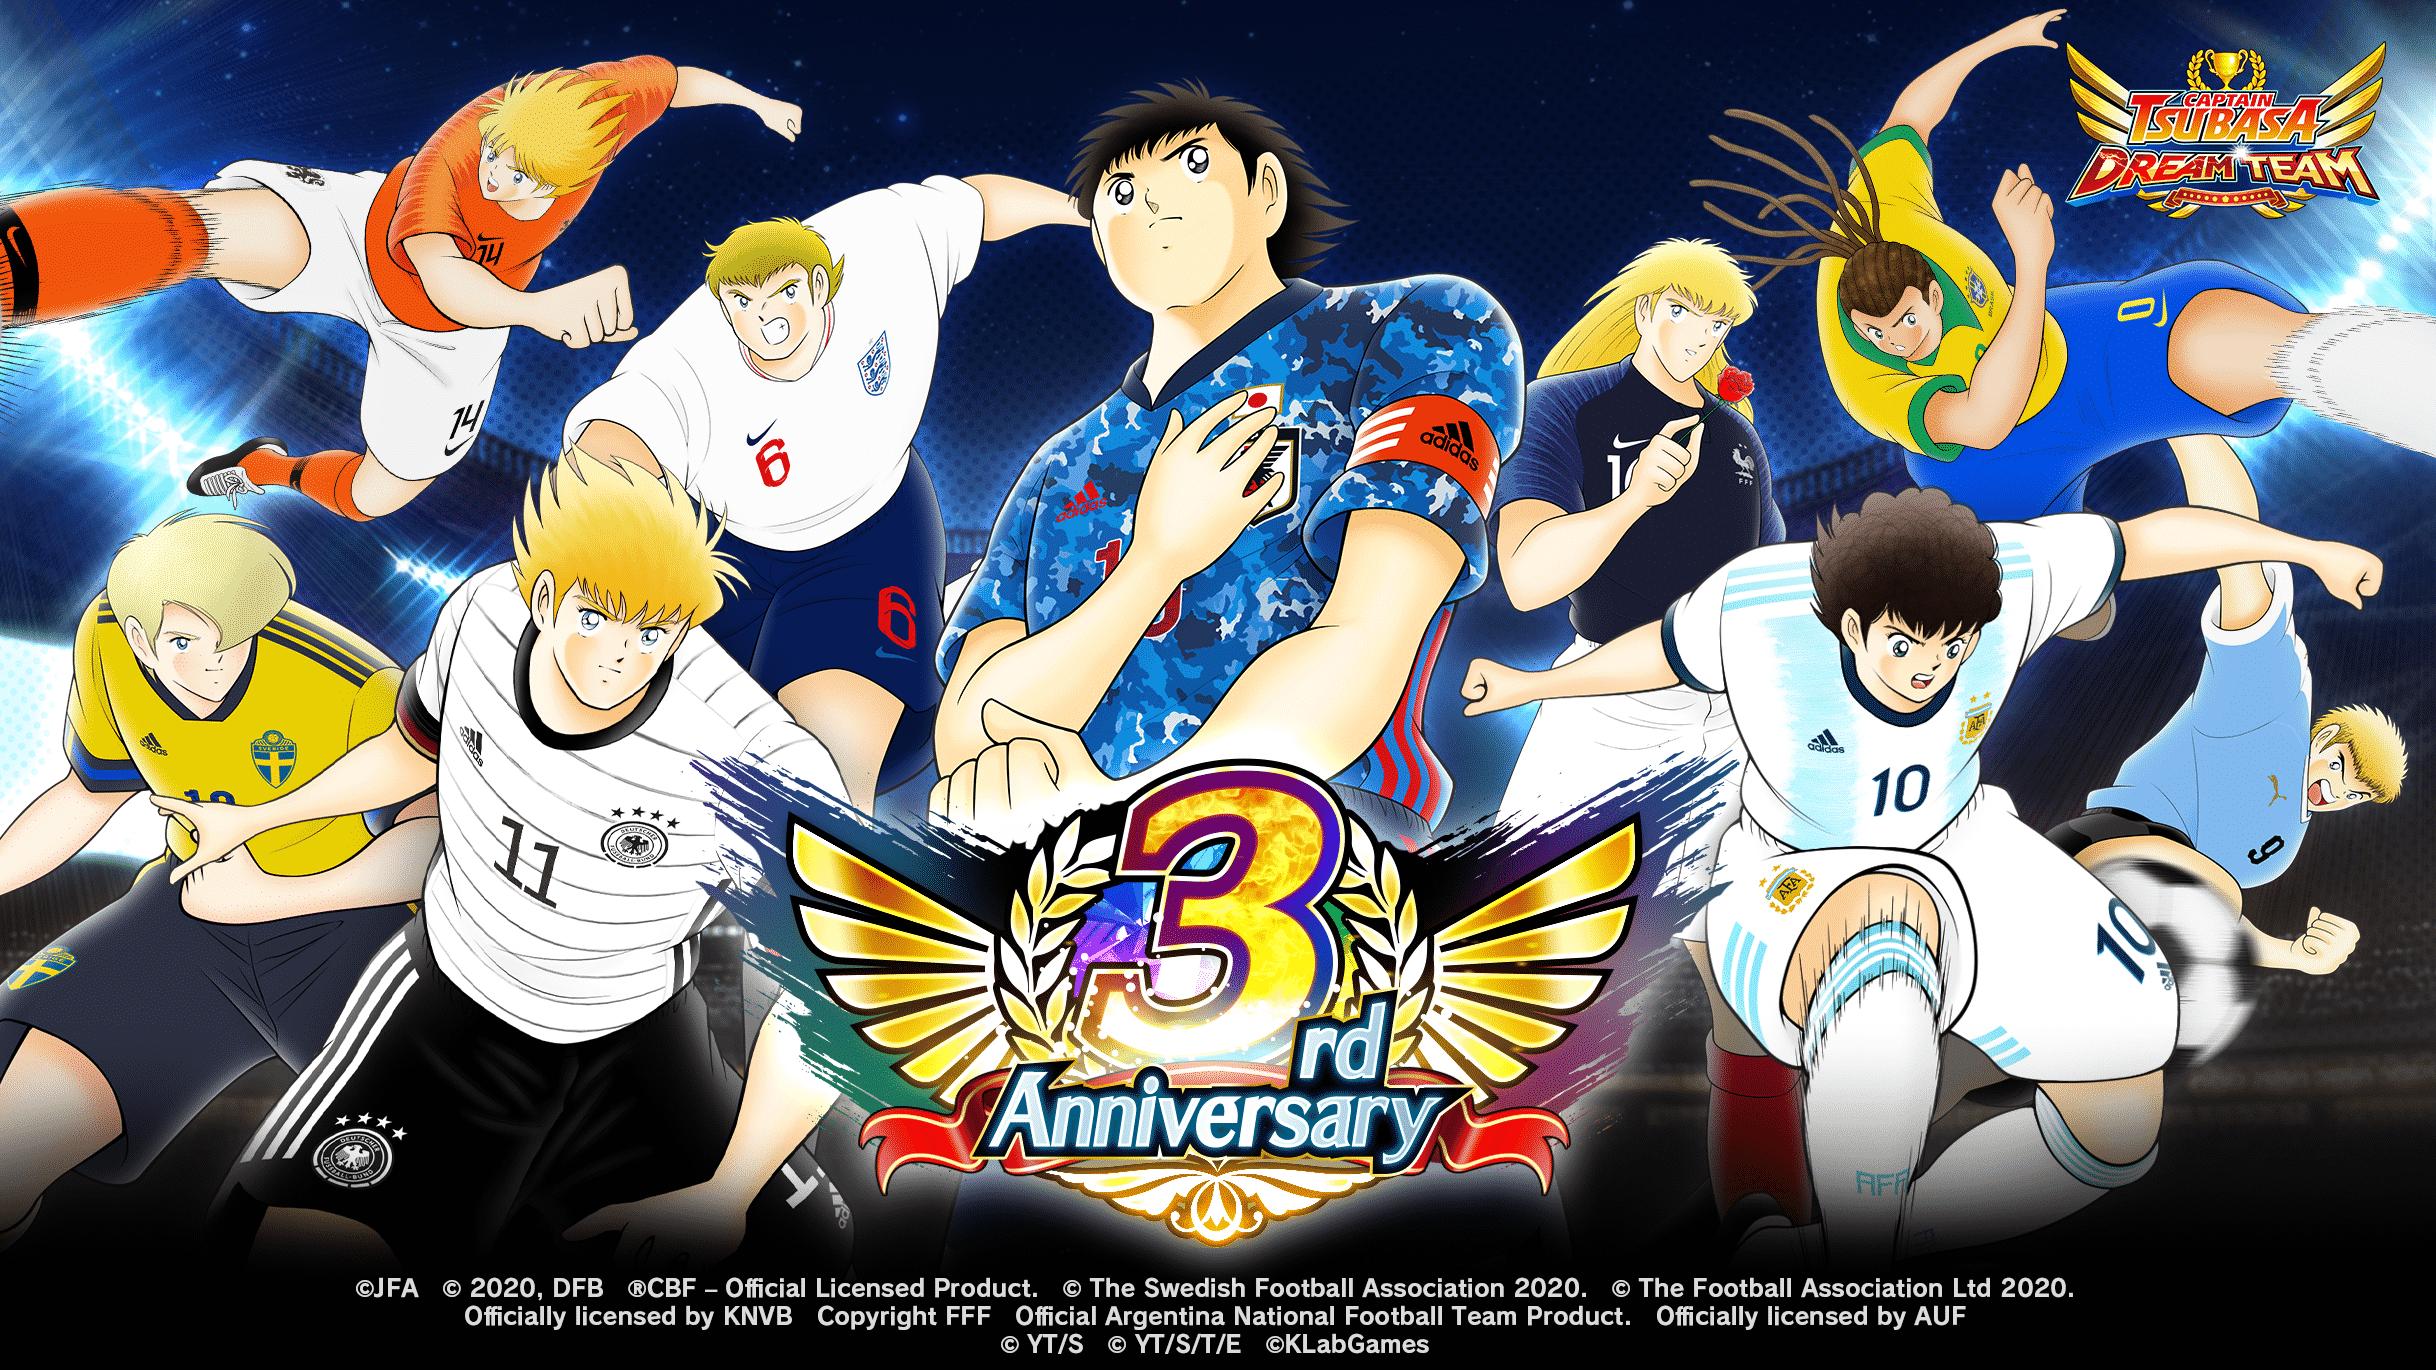 Captain-Tsubasa-Dream-Team